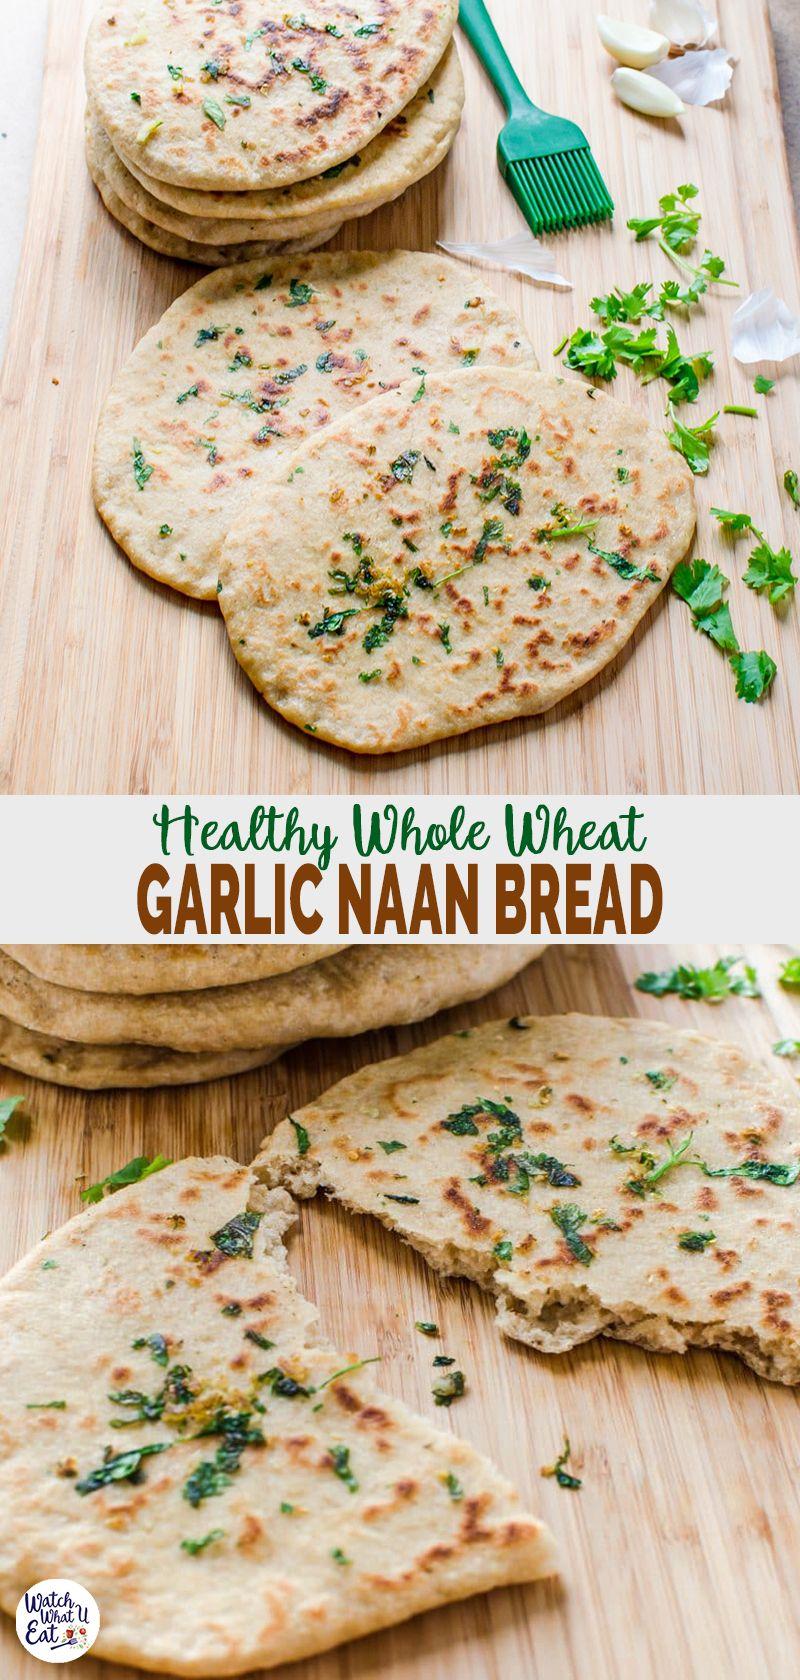 Garlic Naan Bread Recipe Recipe Recipes With Naan Bread Naan Bread Recipes